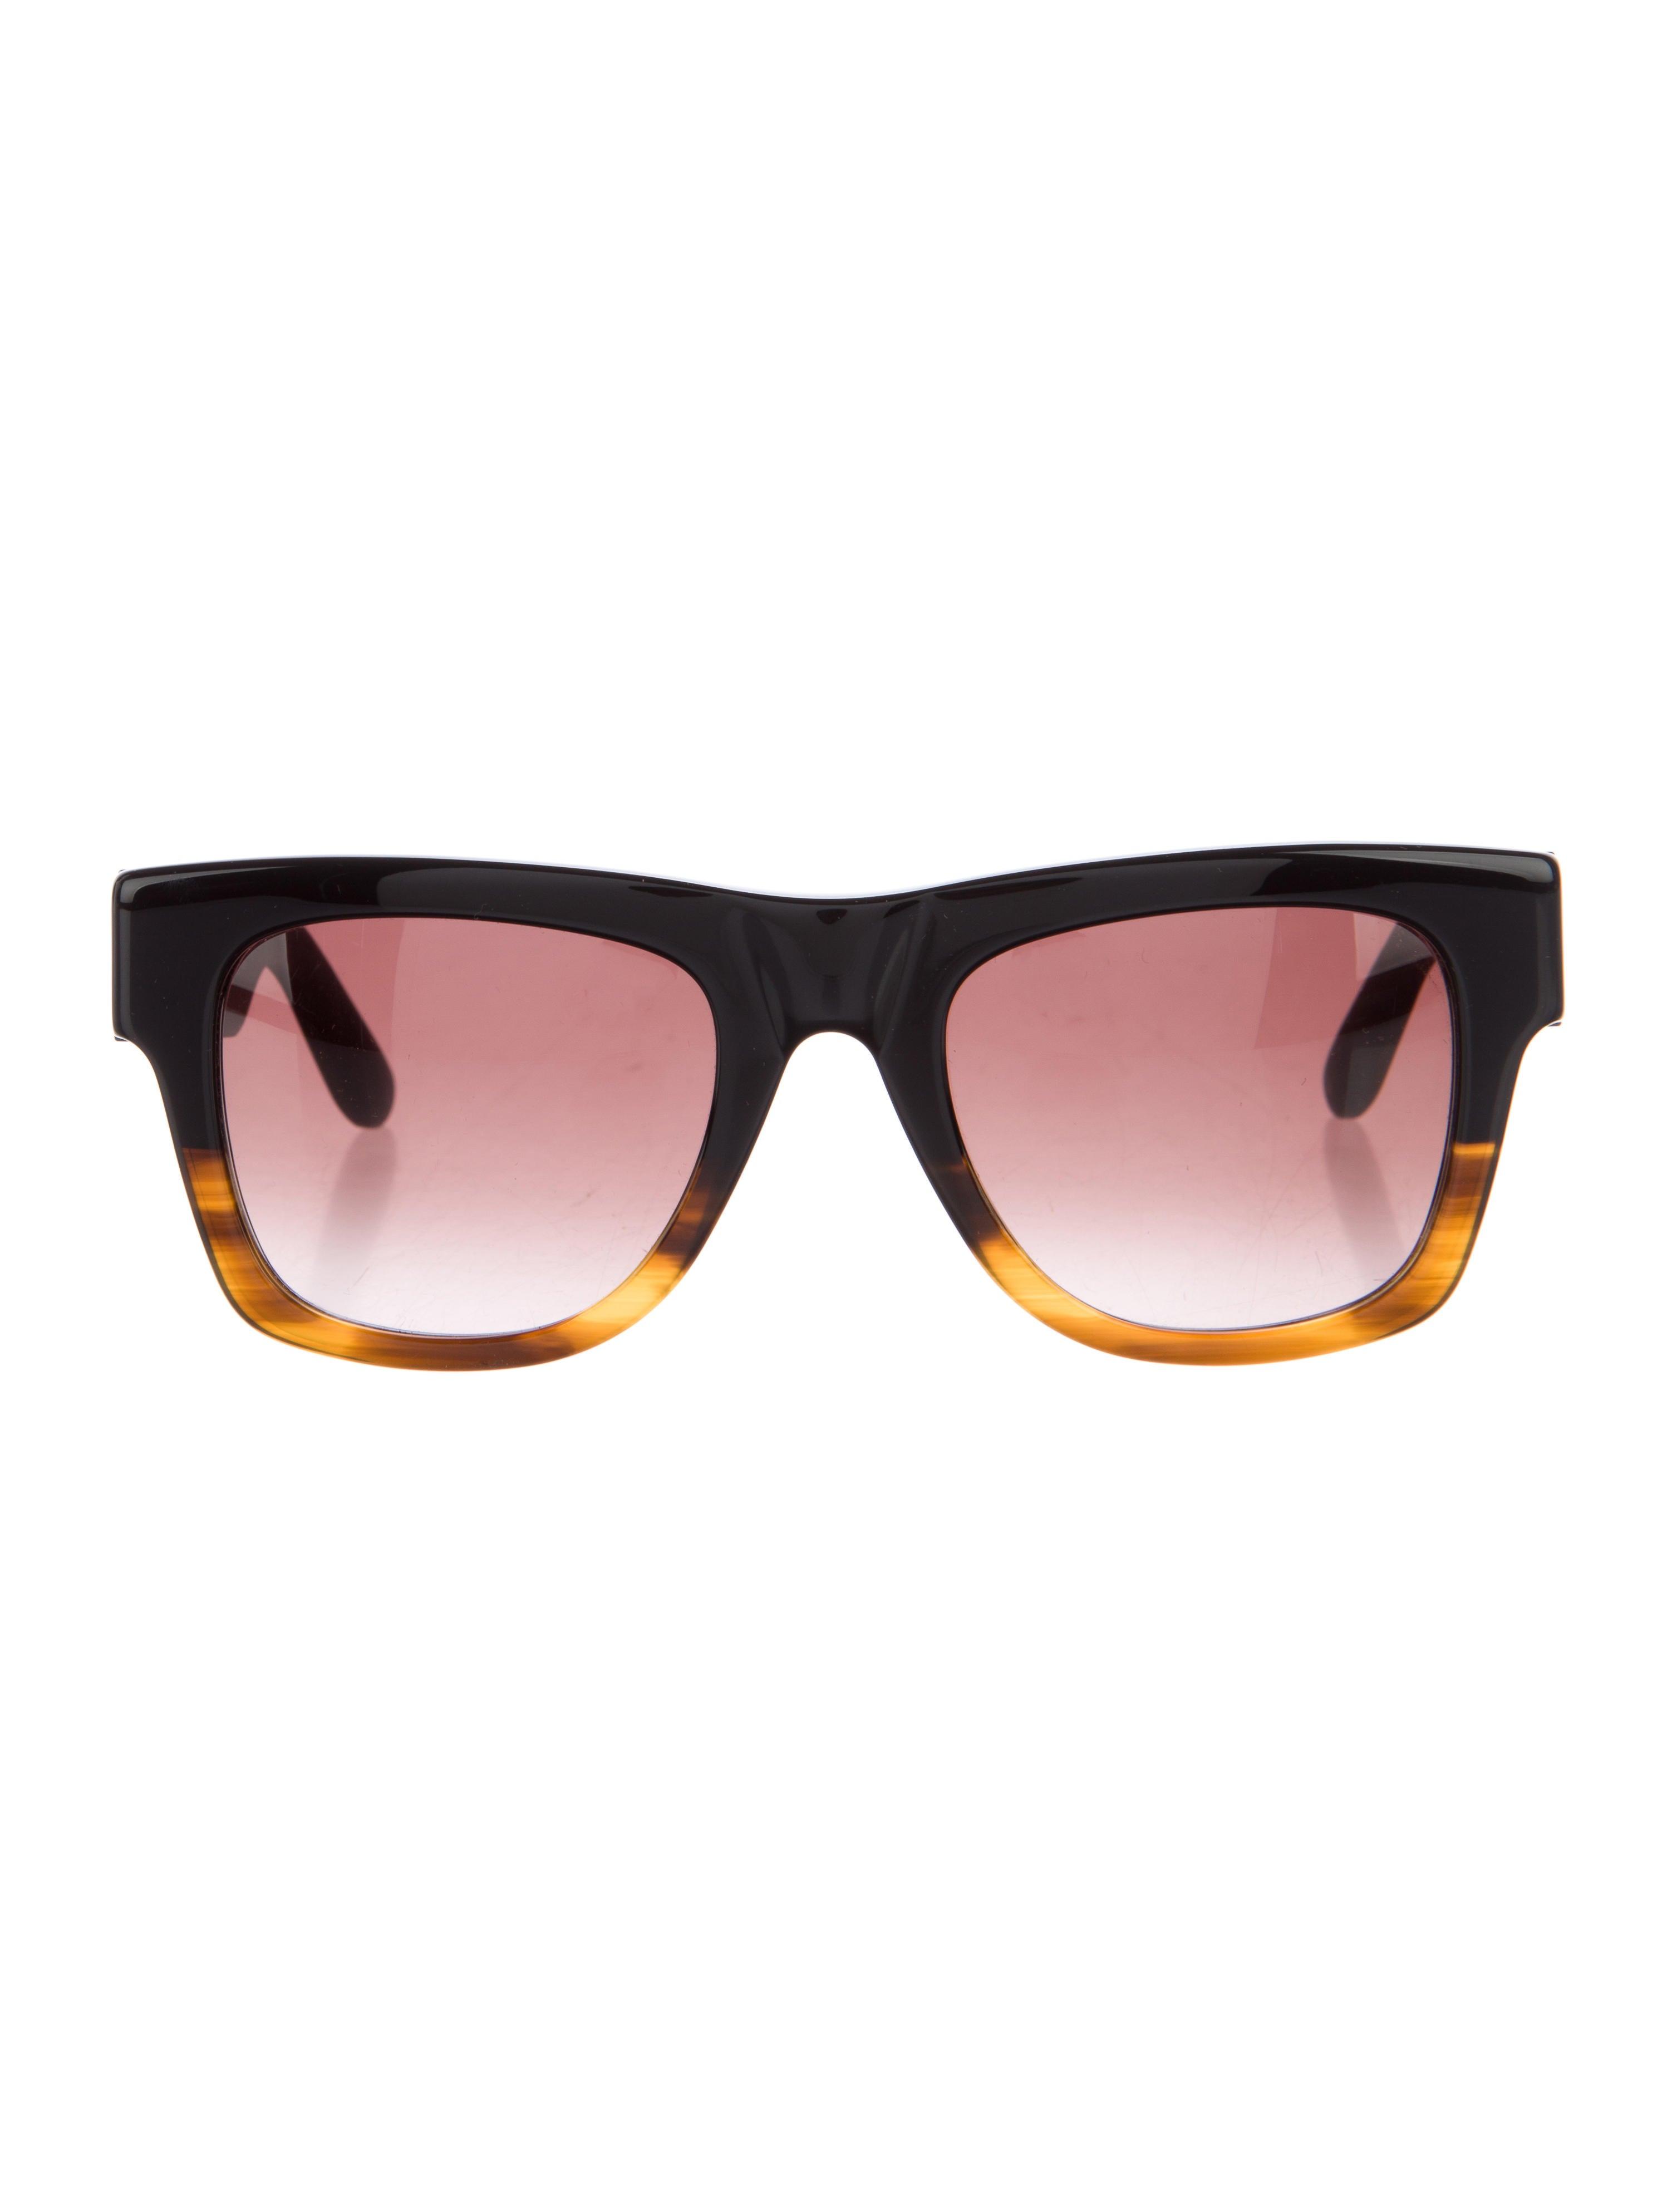 49f150334040 Bottega Veneta Intrecciato-Trimmed Tortoiseshell Sunglasses - Accessories -  BOT43887